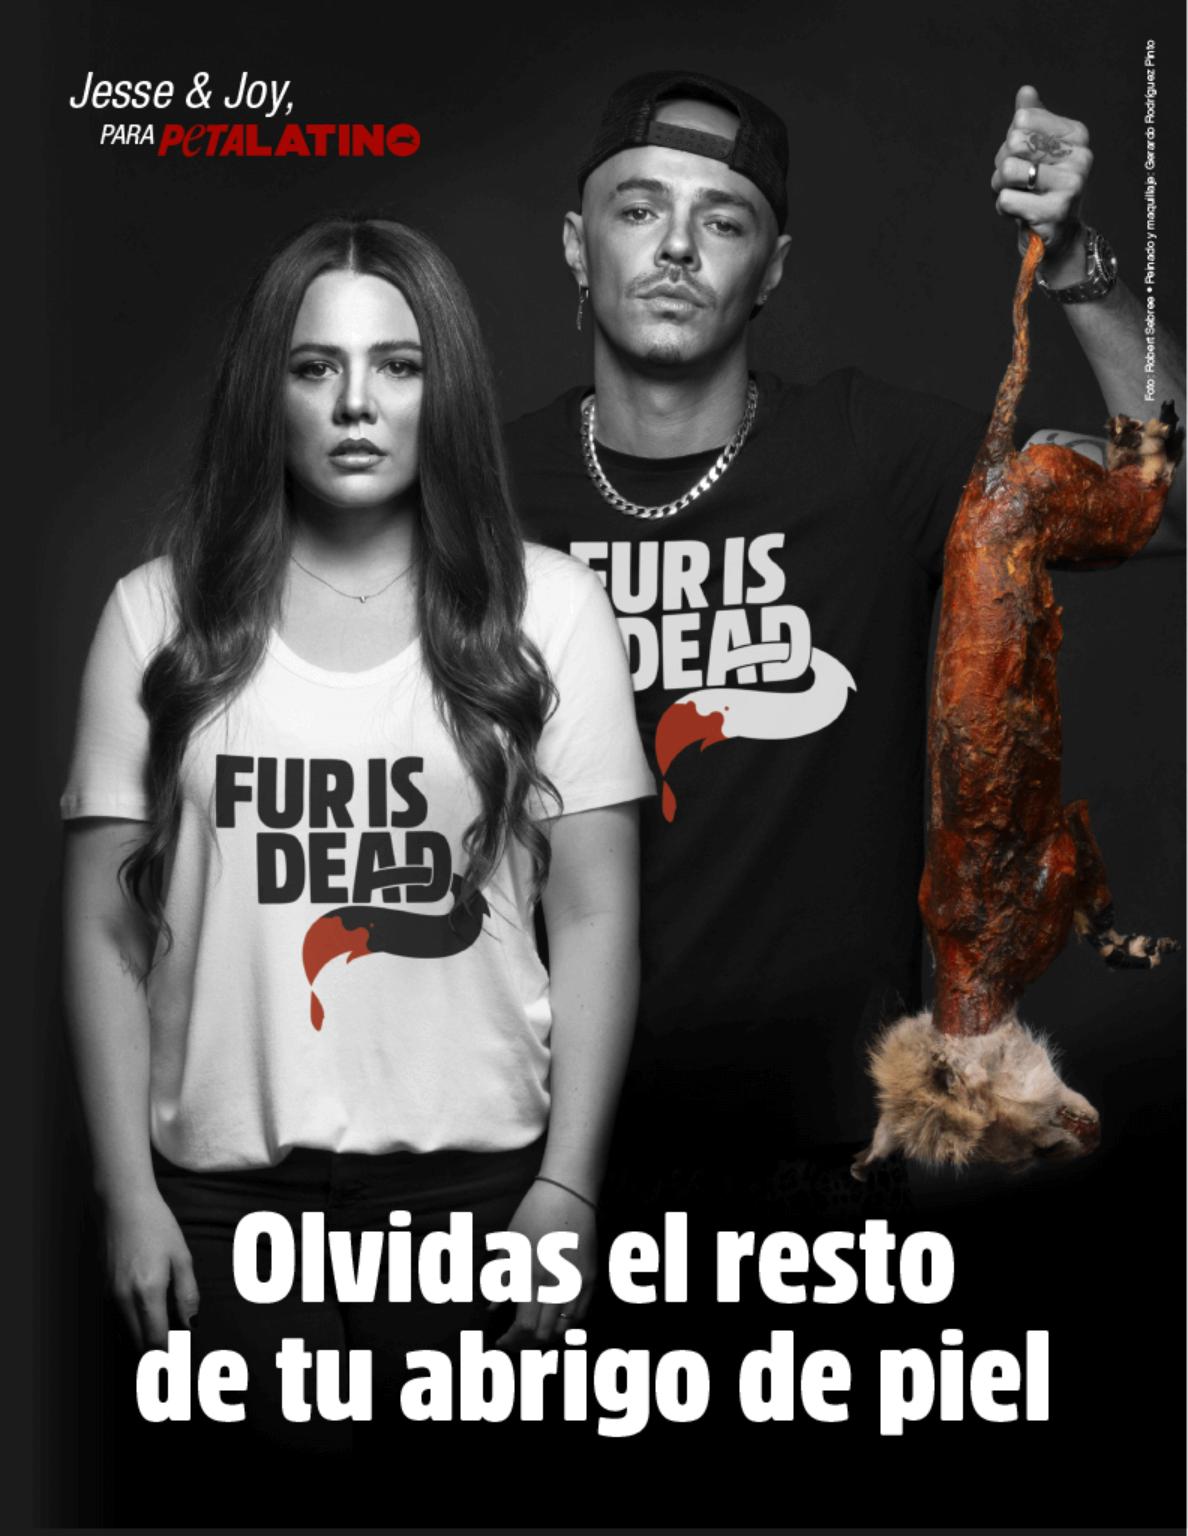 Jesse y Joy piden en nueva campaña para PETA dejar de usar pieles